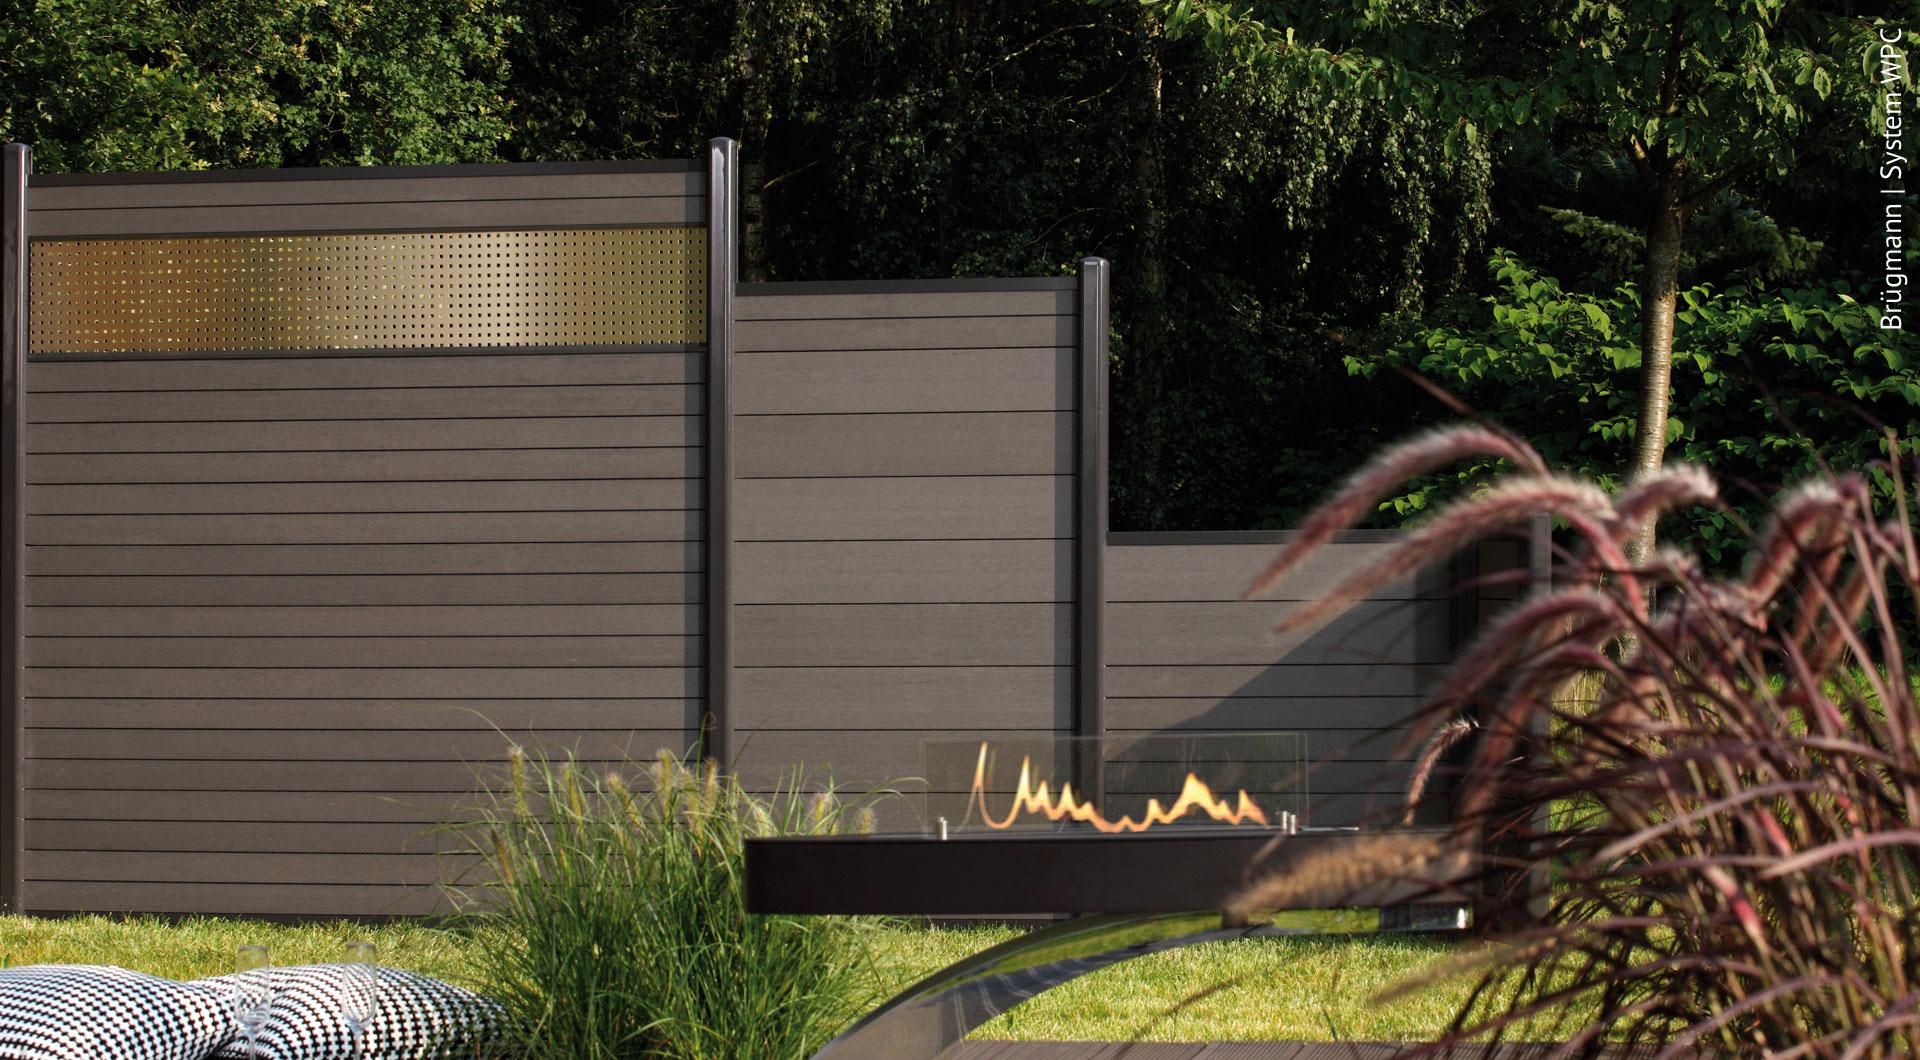 Full Size of Sichtschutz Holz Zaunelemente Hornbach Modern Balkon Hagebau Obi Holzzaun Toom Terrasse Selbst Bauen Garten Selber Machen Zaun Hagebaumarkt Stecksystem Pergola Wohnzimmer Sichtschutz Holz